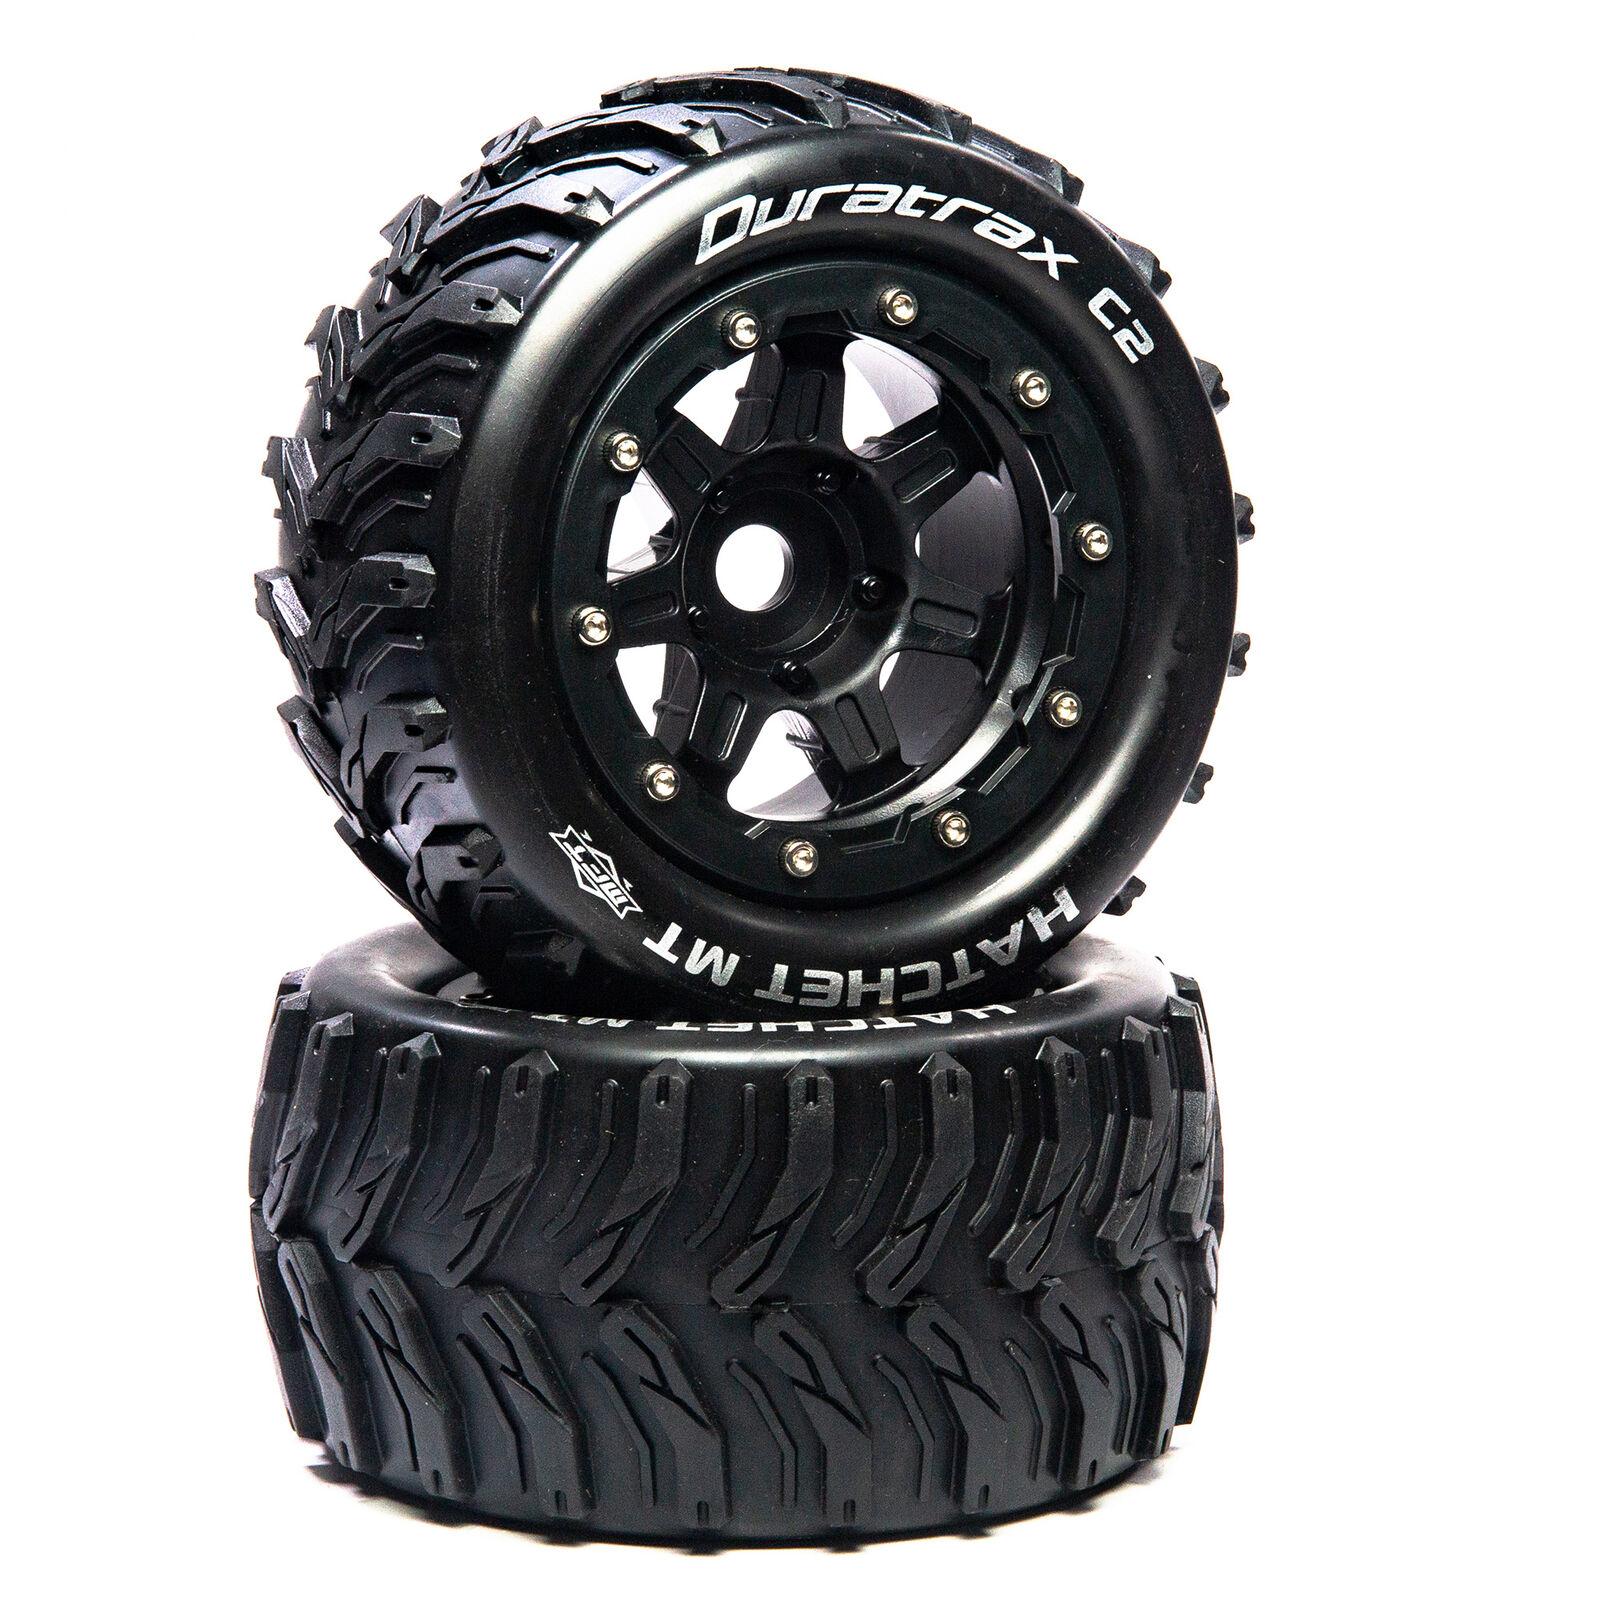 """Hatchet MT Belt 2.8"""" Mounted Front/Rear Tires .5 Offset 17mm, Black (2)"""